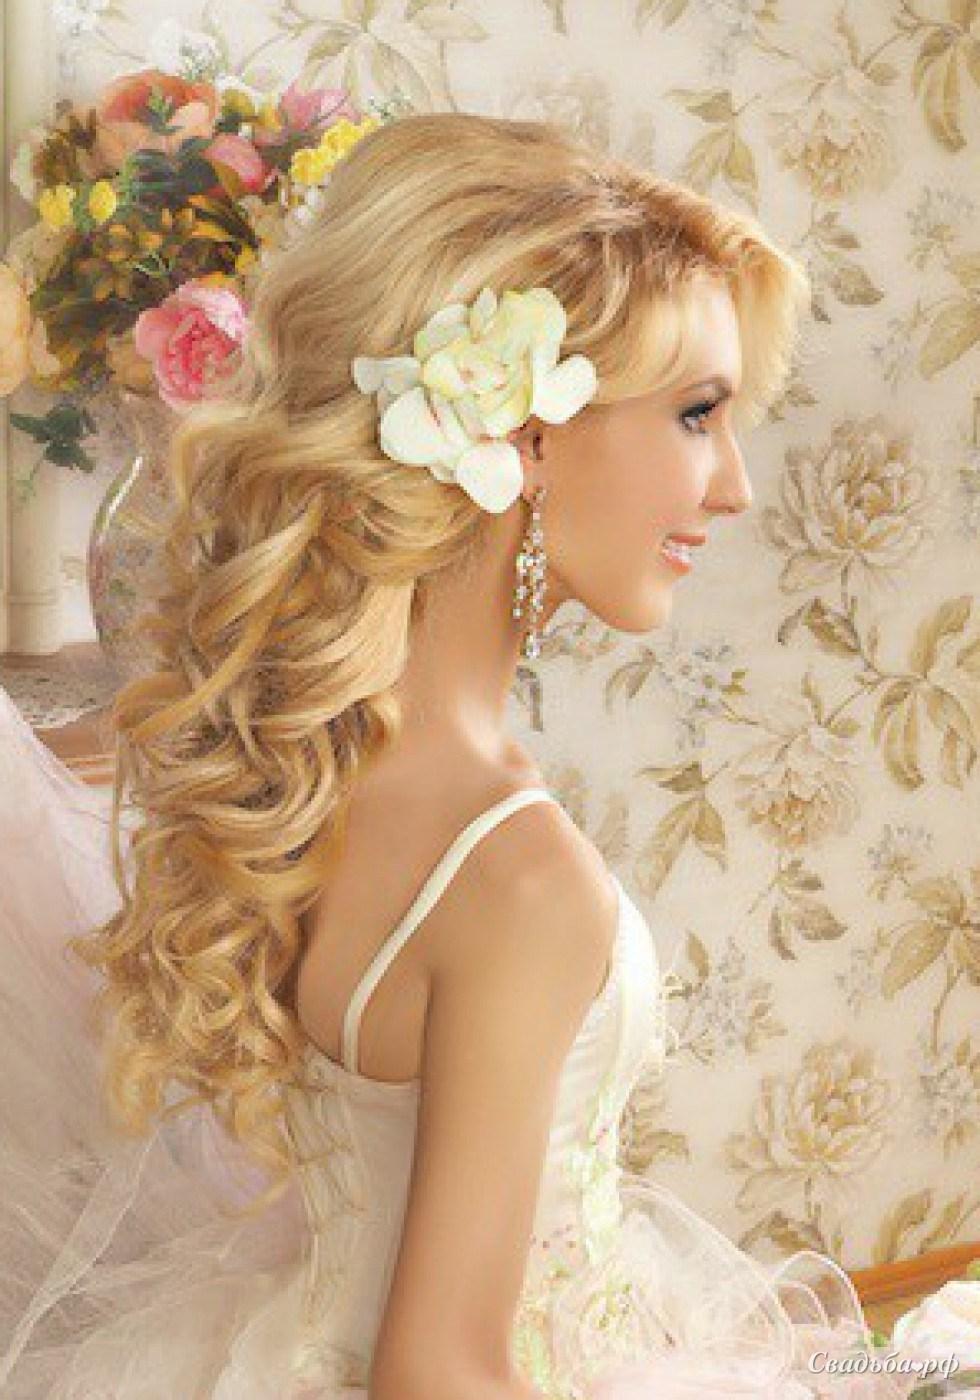 Самые красивые свадебные прически : фото свадебных причесок 342